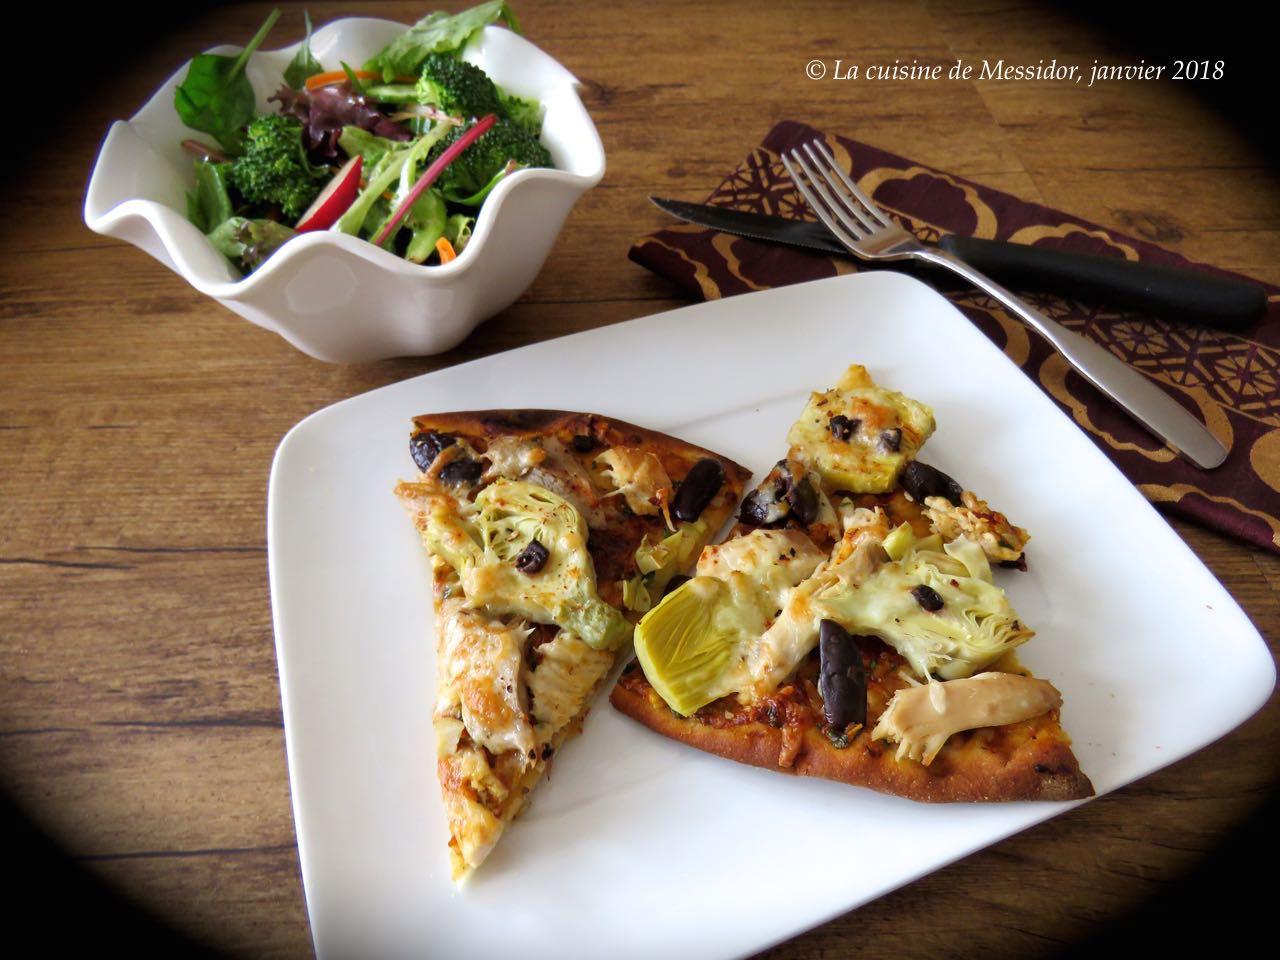 La cuisine de messidor pizza au poulet et au pesto maison - Veritable pate a pizza ...